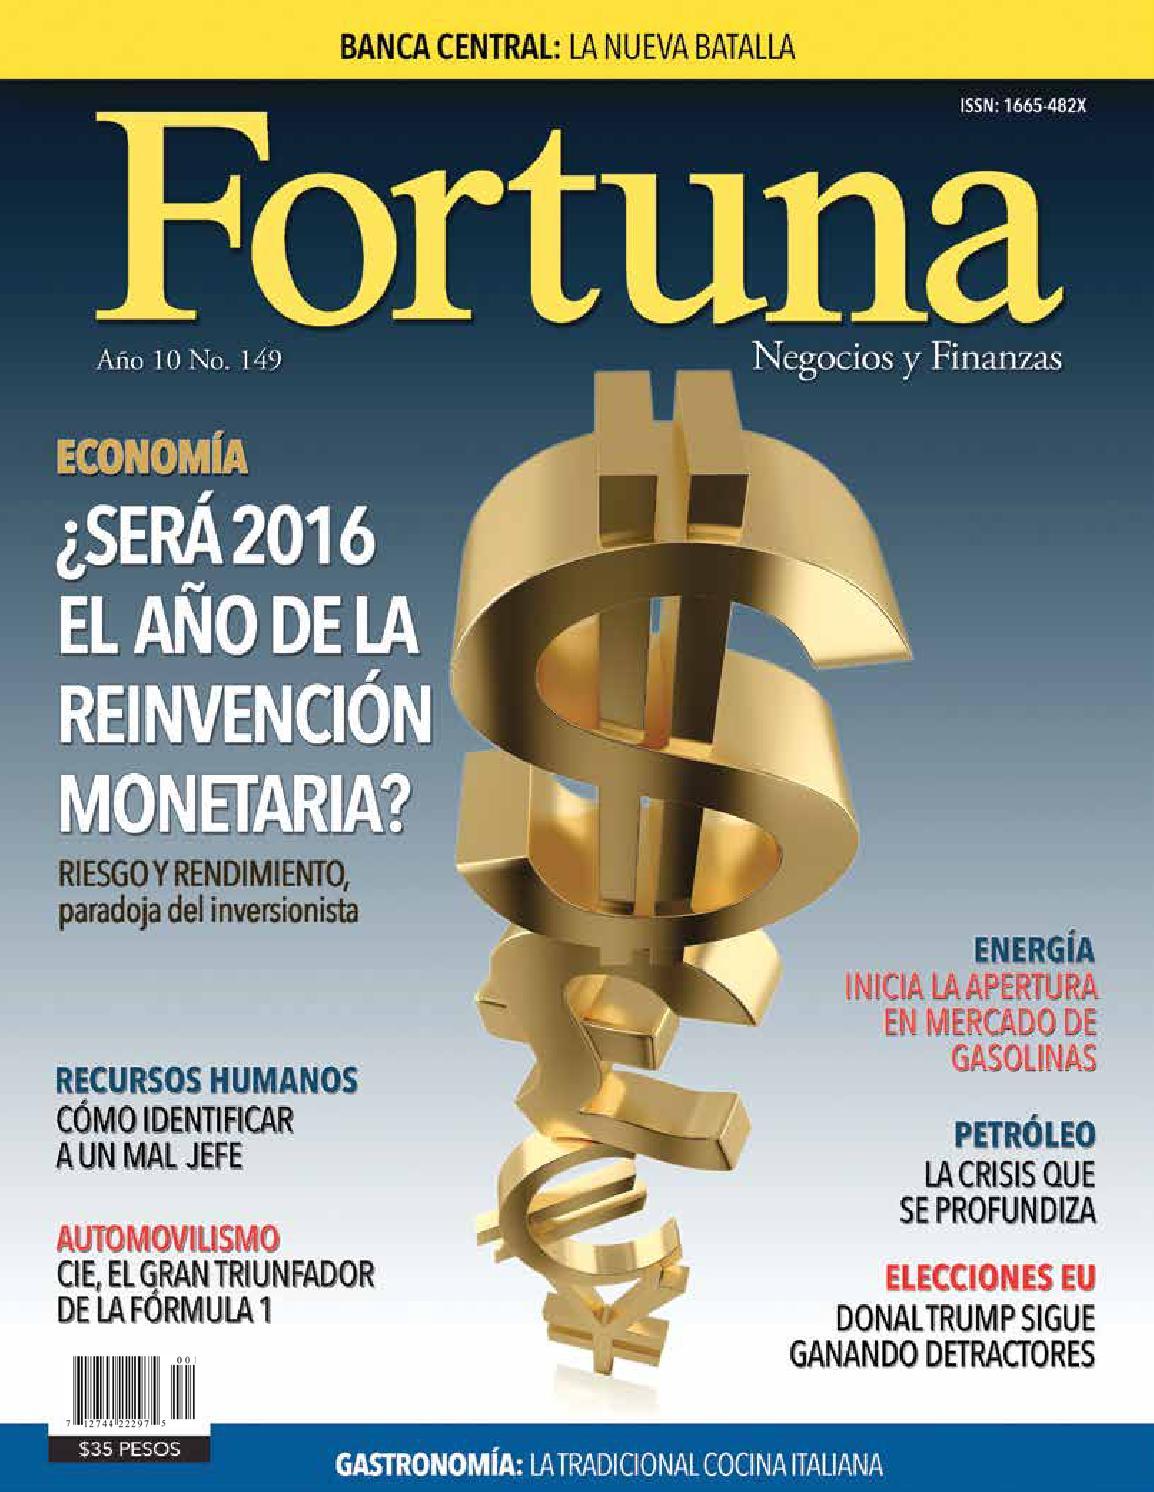 Revista fortuna, negocios y finanzas 149 by Fortuna Revista - issuu